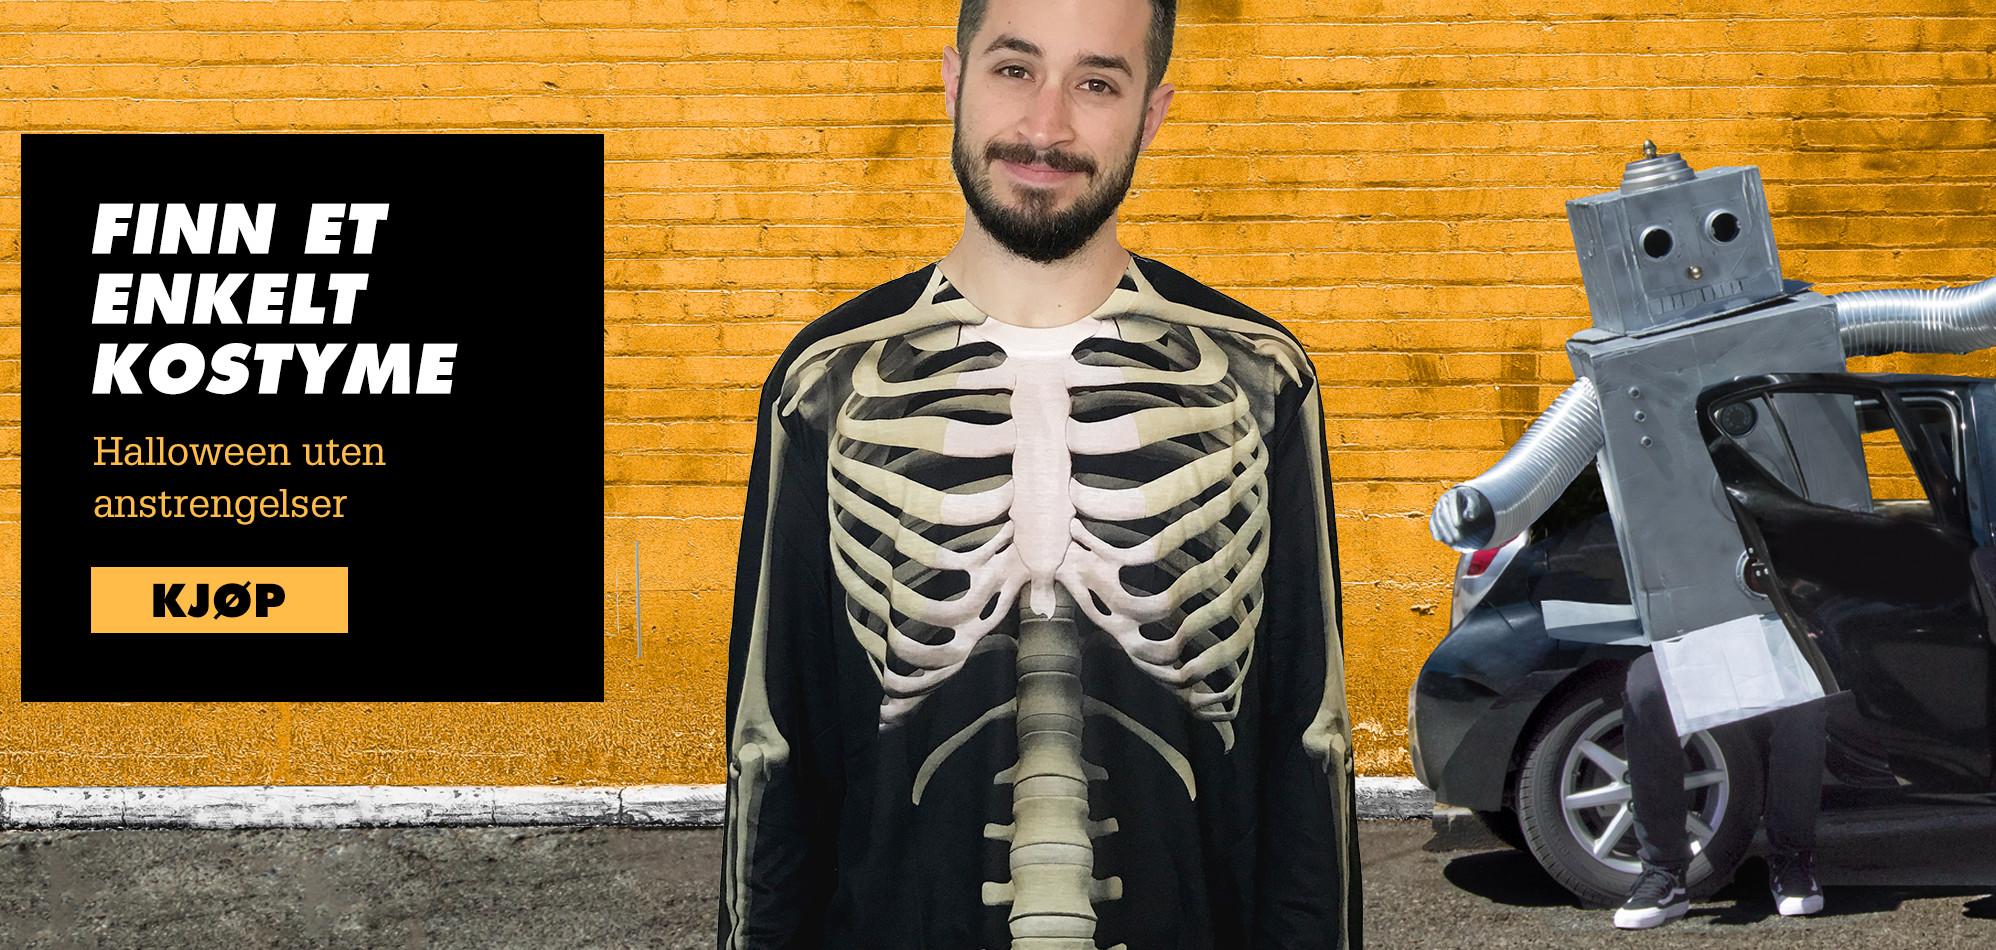 Finn et enkelt kostyme. Halloween uten anstrengelser. Kjøp